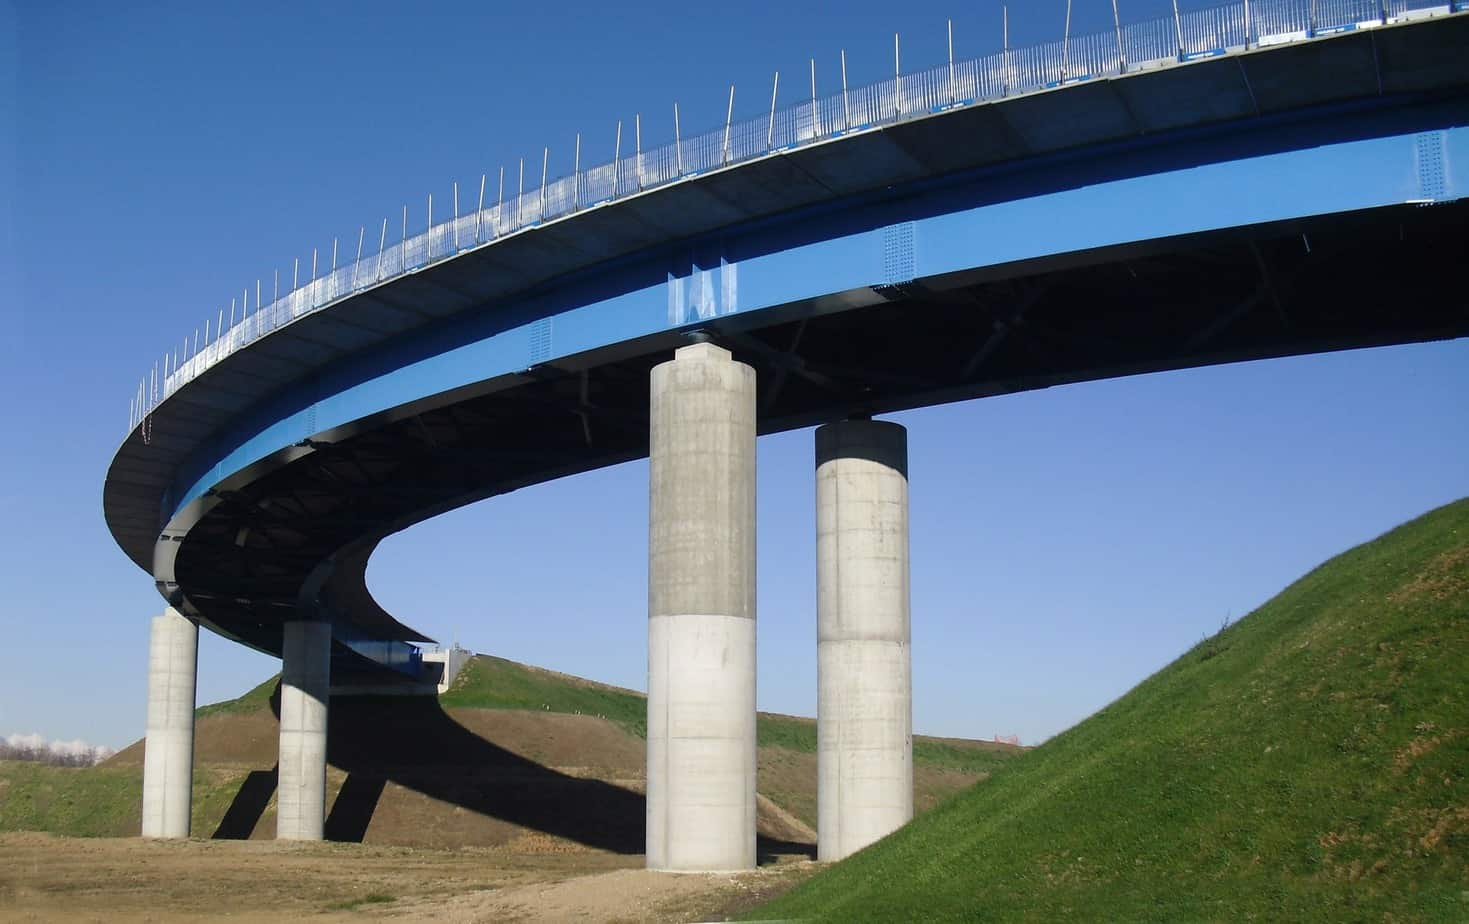 Un viadotto in curva a struttura mista acciaio-calcestruzzo